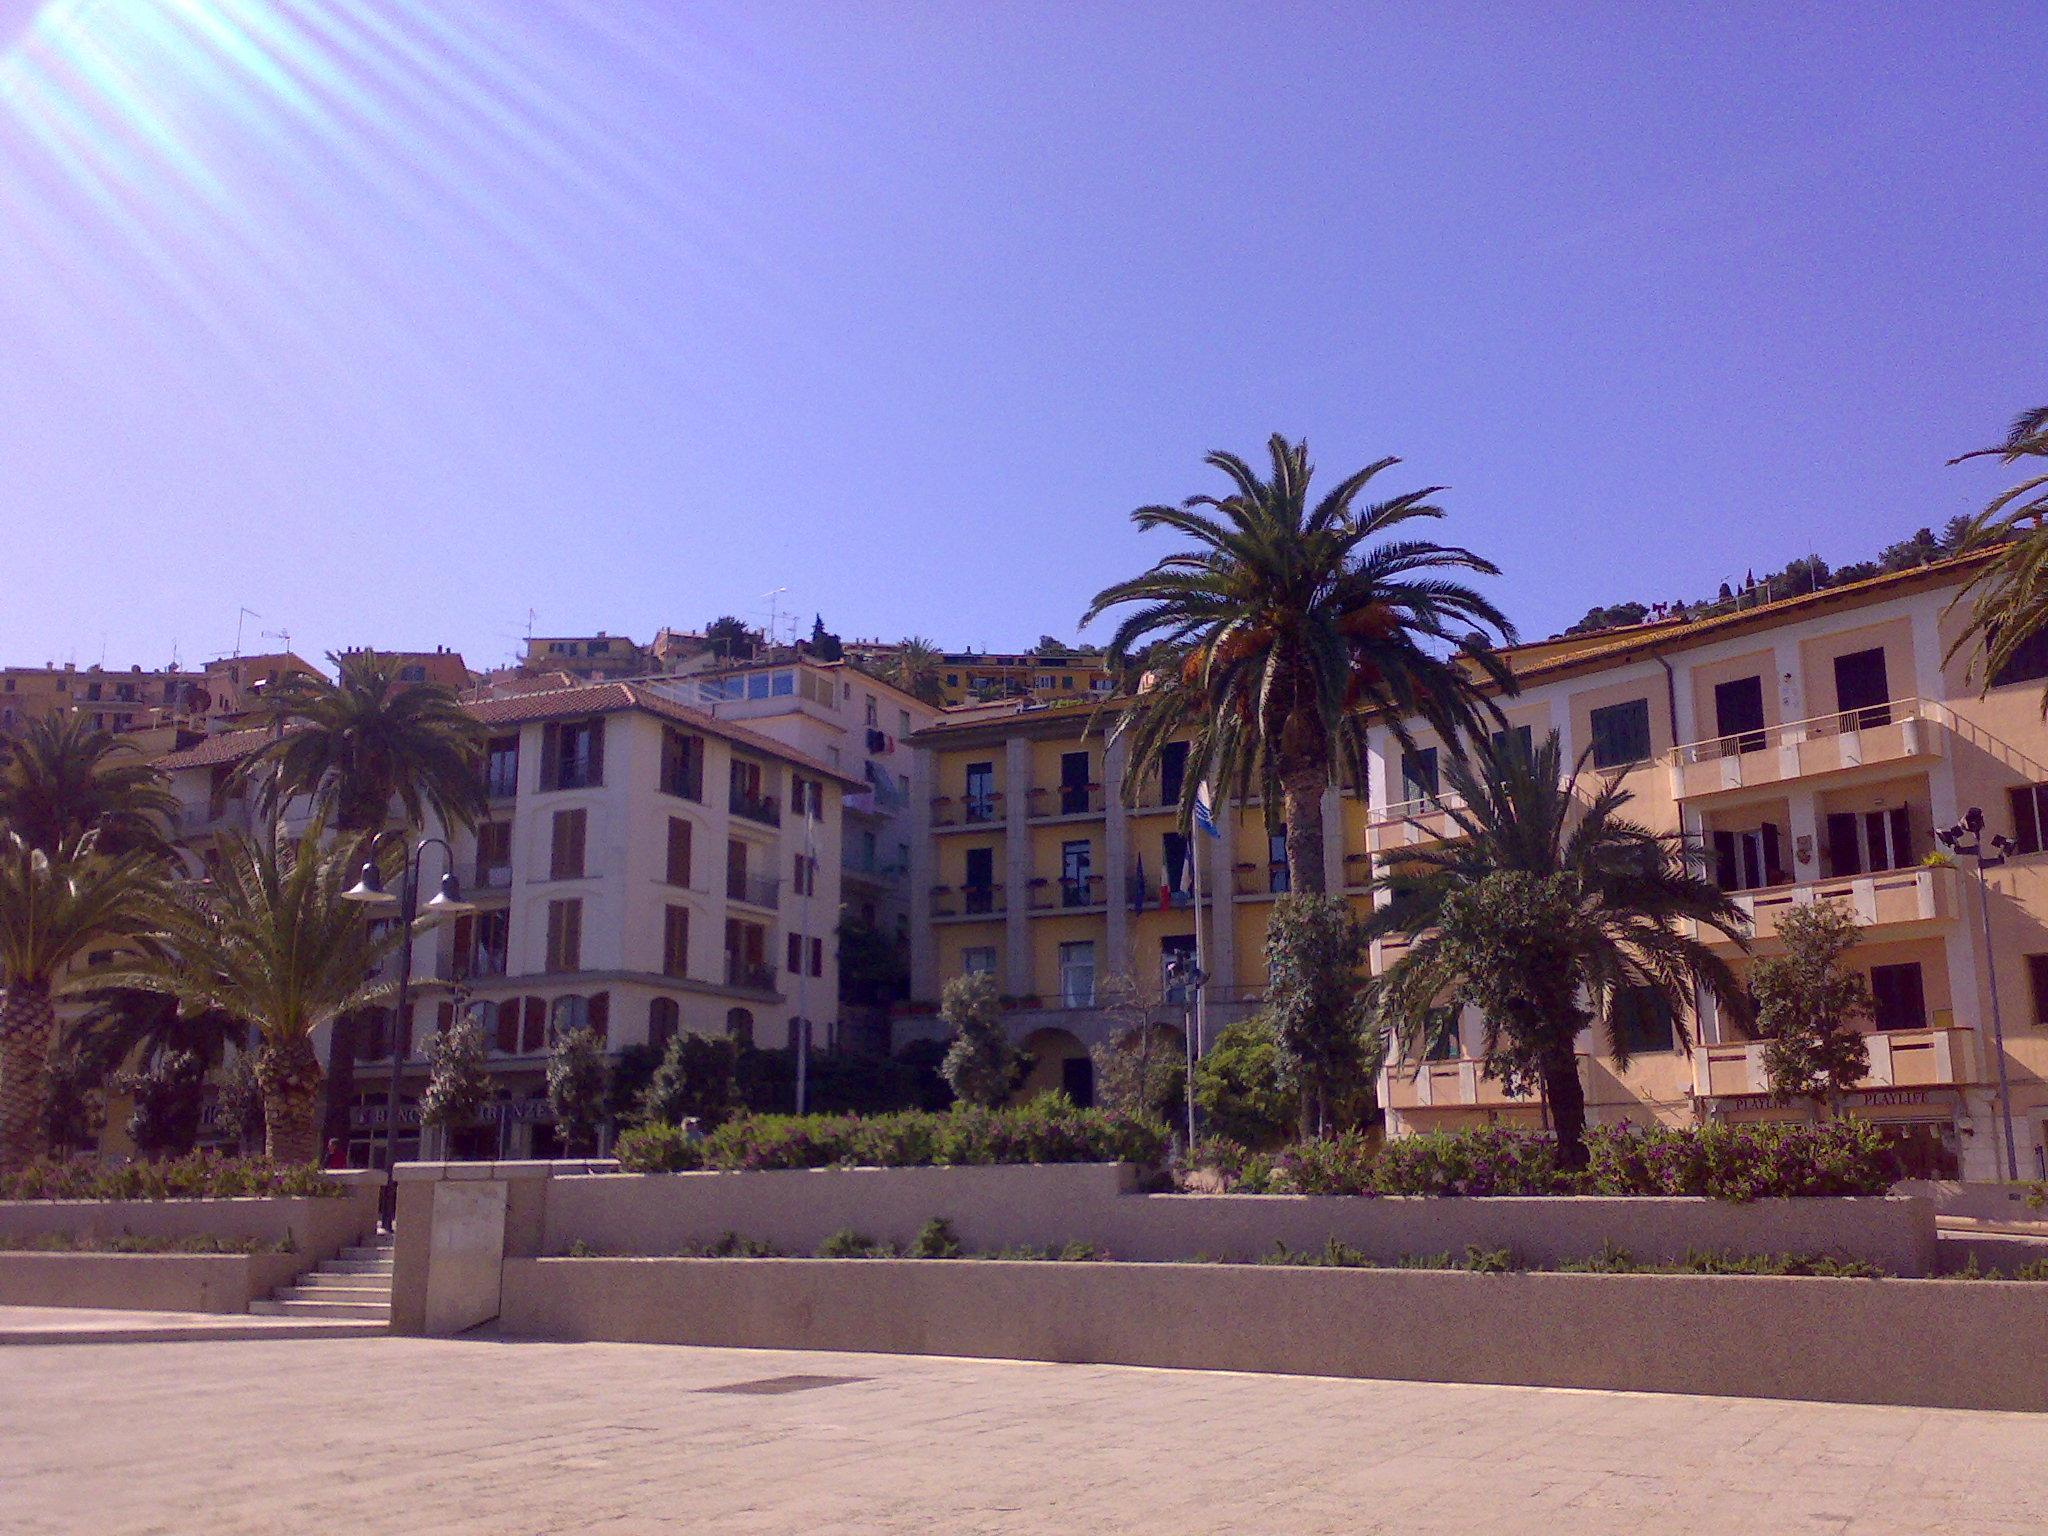 Piazzale dei Rioni, Poto Santo Stefano